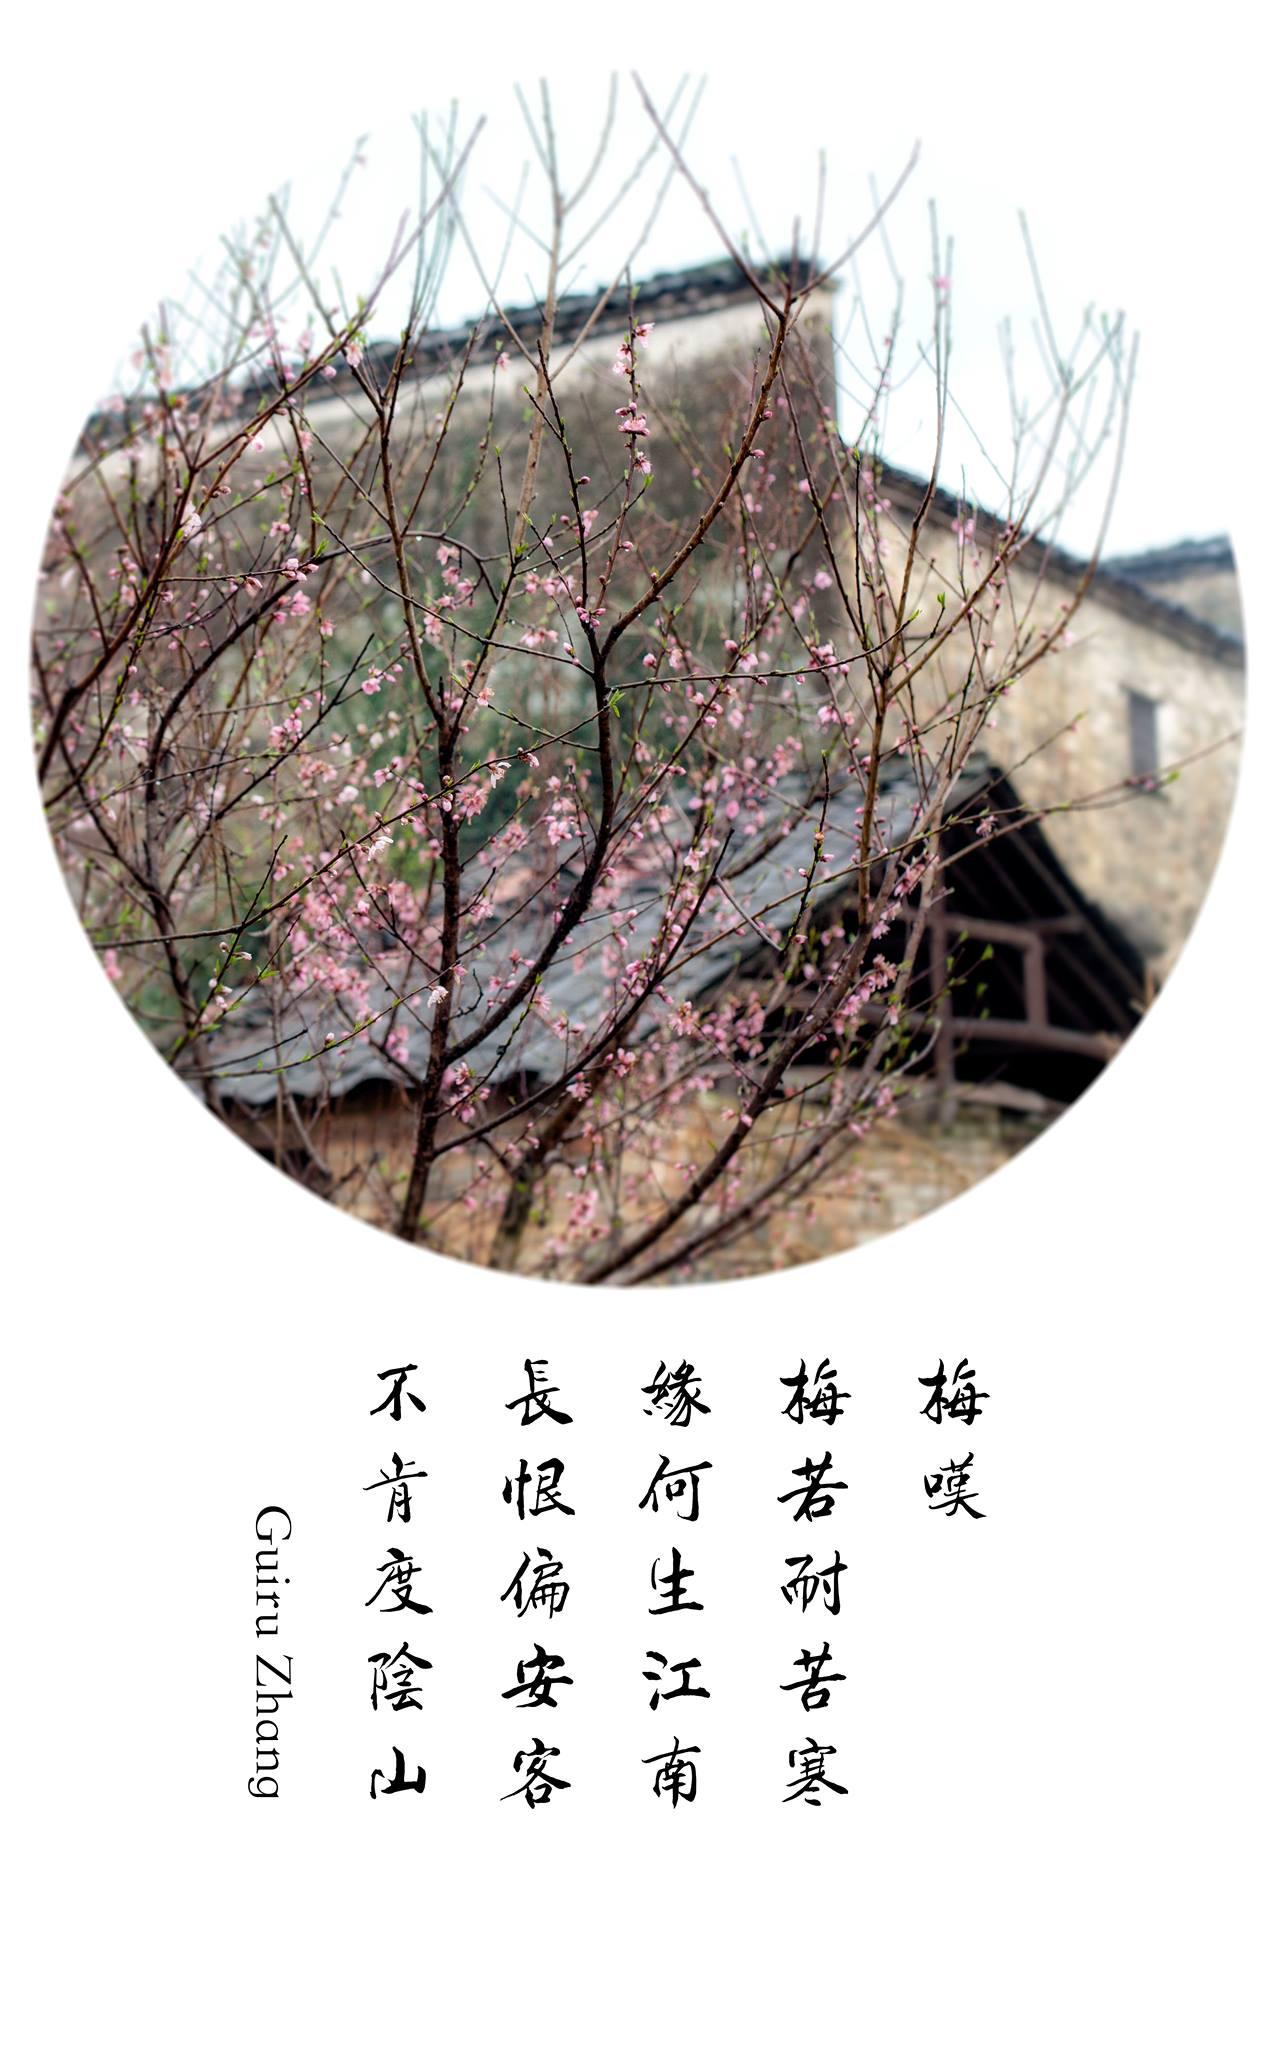 Photo by Benny Zhang Studio.